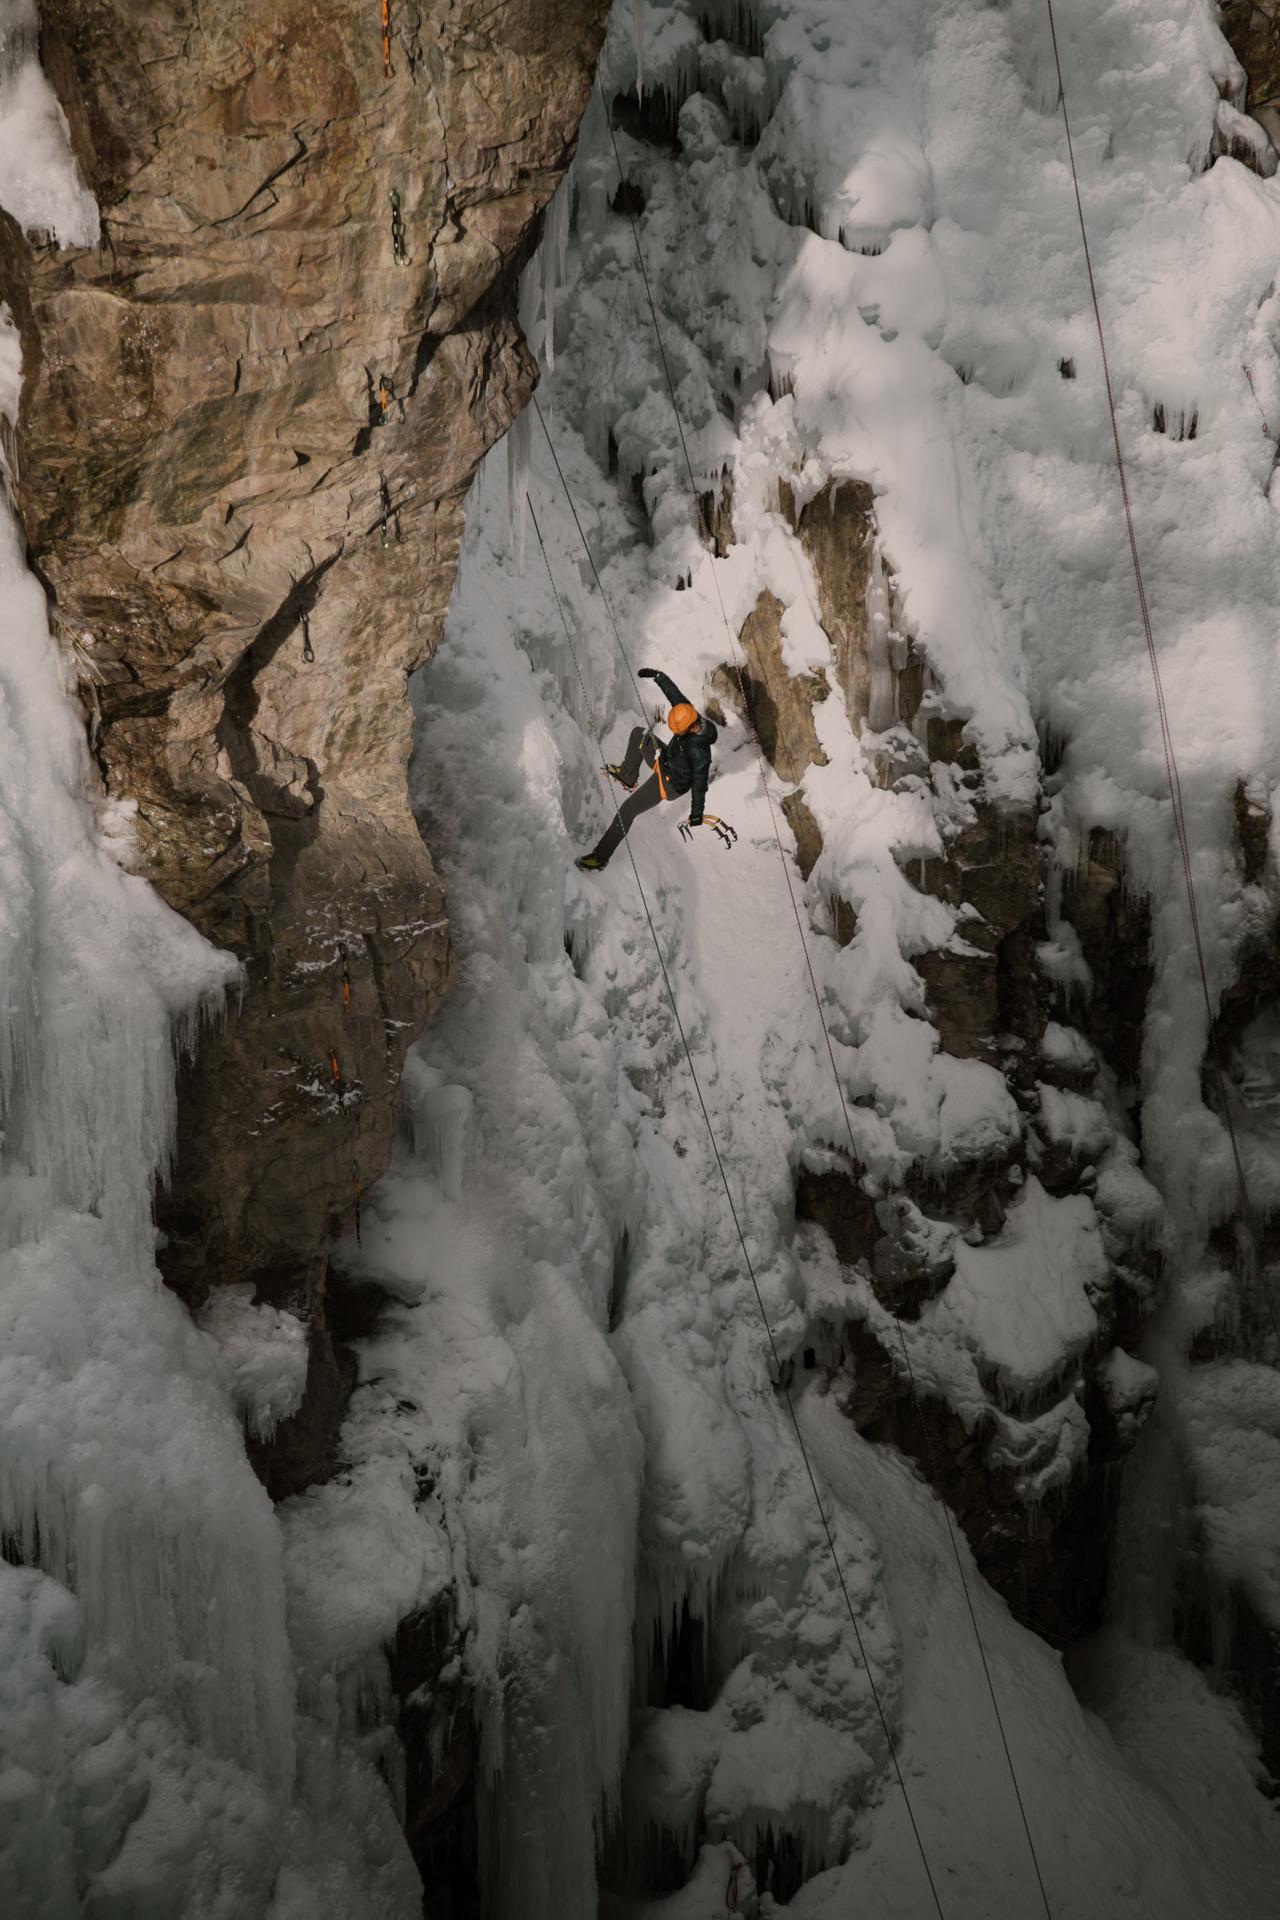 ouray_colorado_ice_climbing_festival-25.jpg